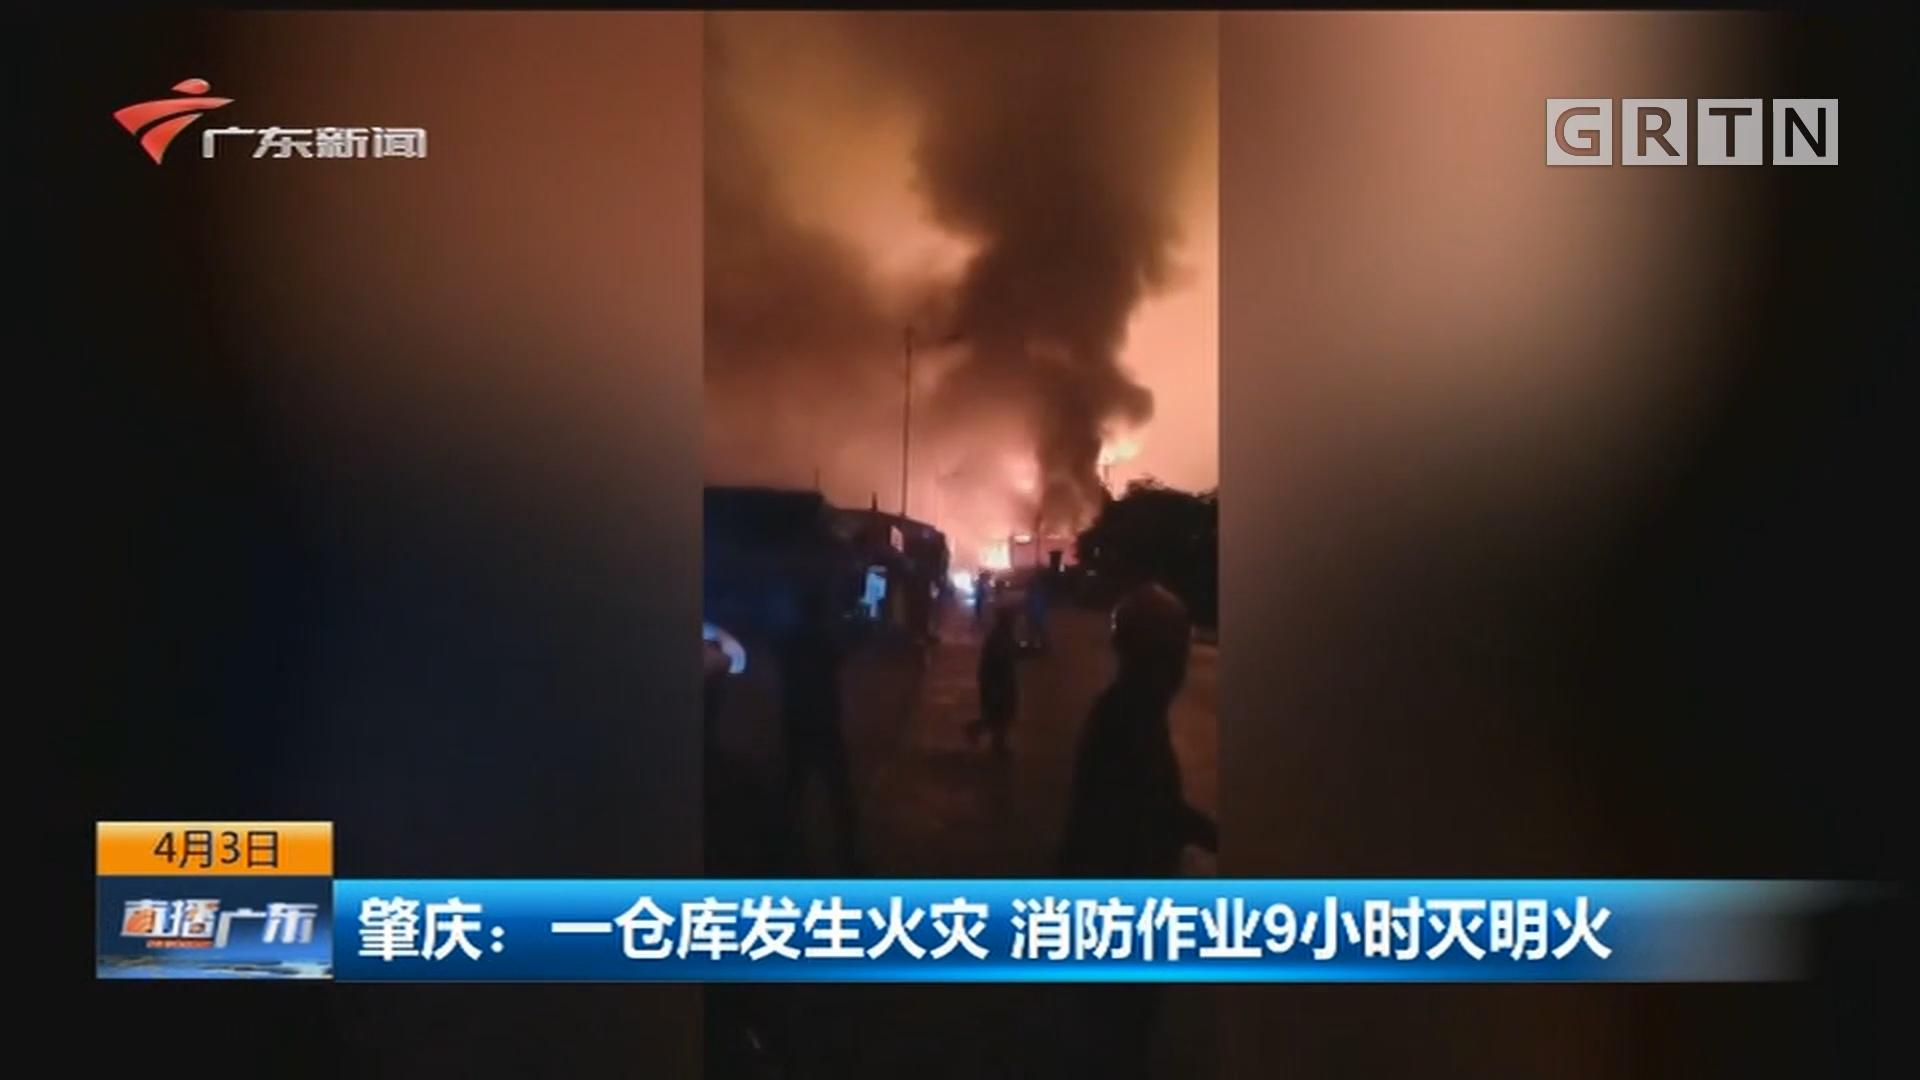 肇庆:一仓库发生火灾 消防作业9小时灭明火